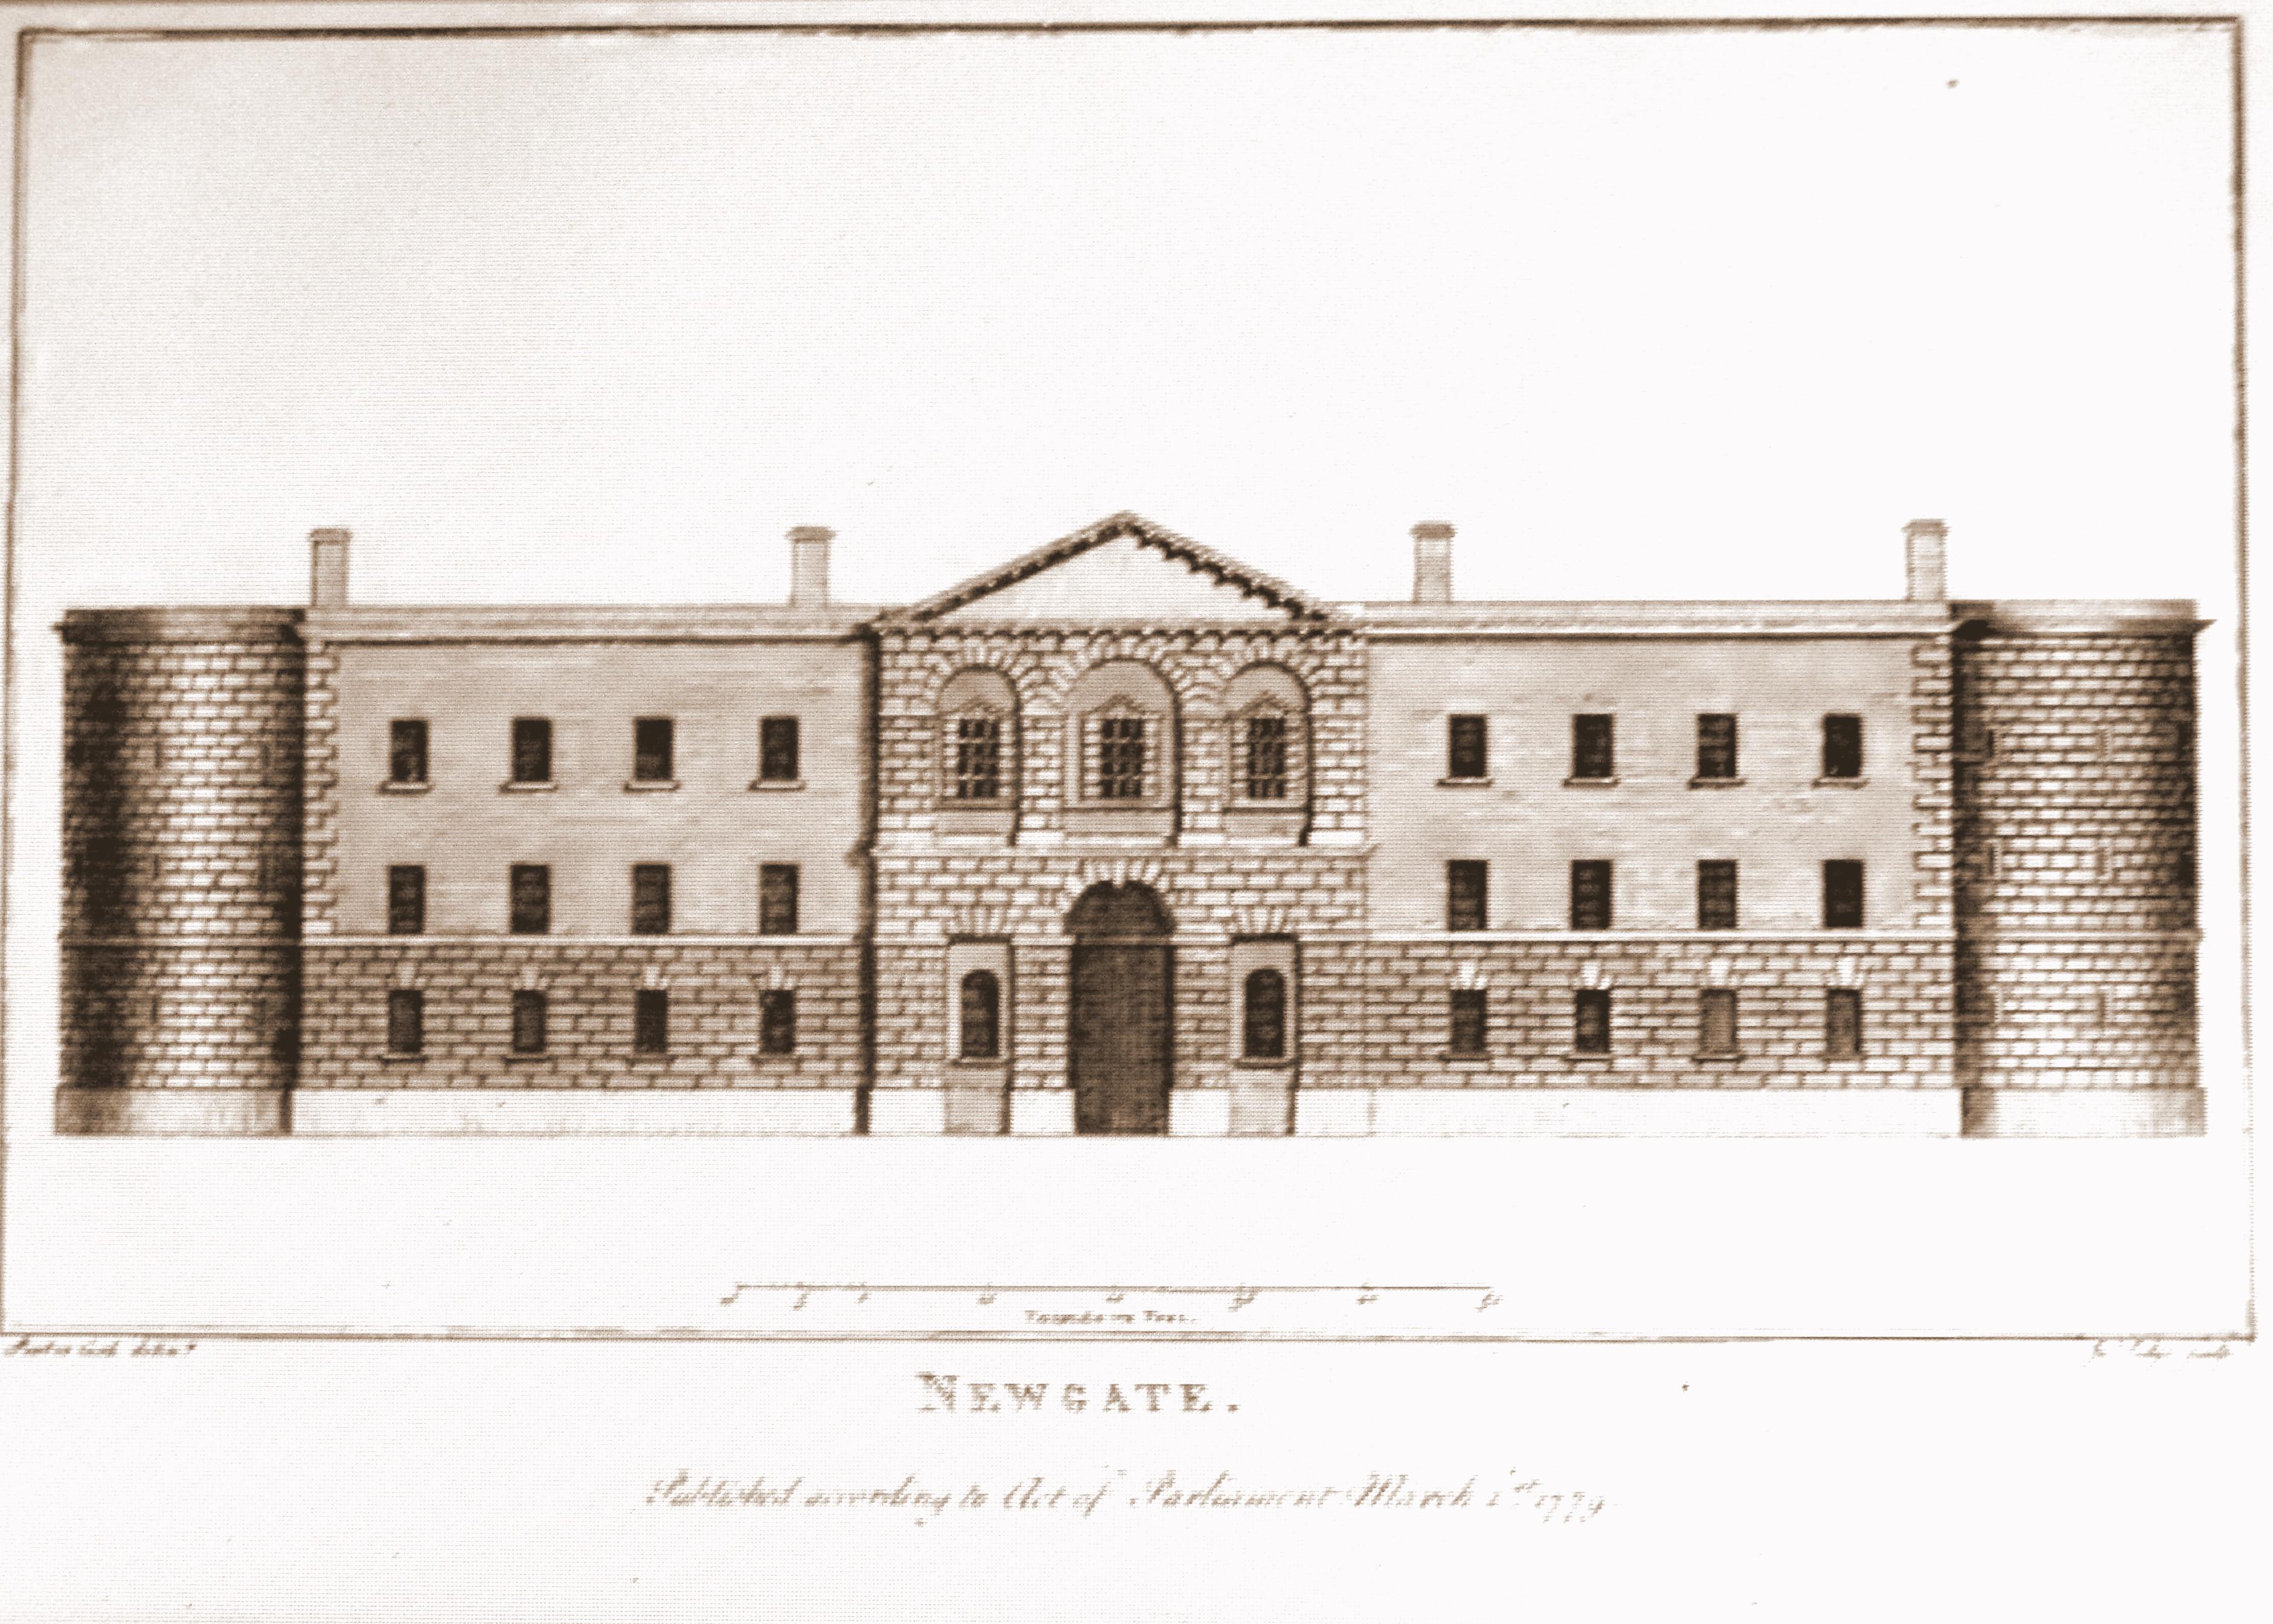 https://upload.wikimedia.org/wikipedia/en/1/18/Newgate_Prison_Sepia.jpg